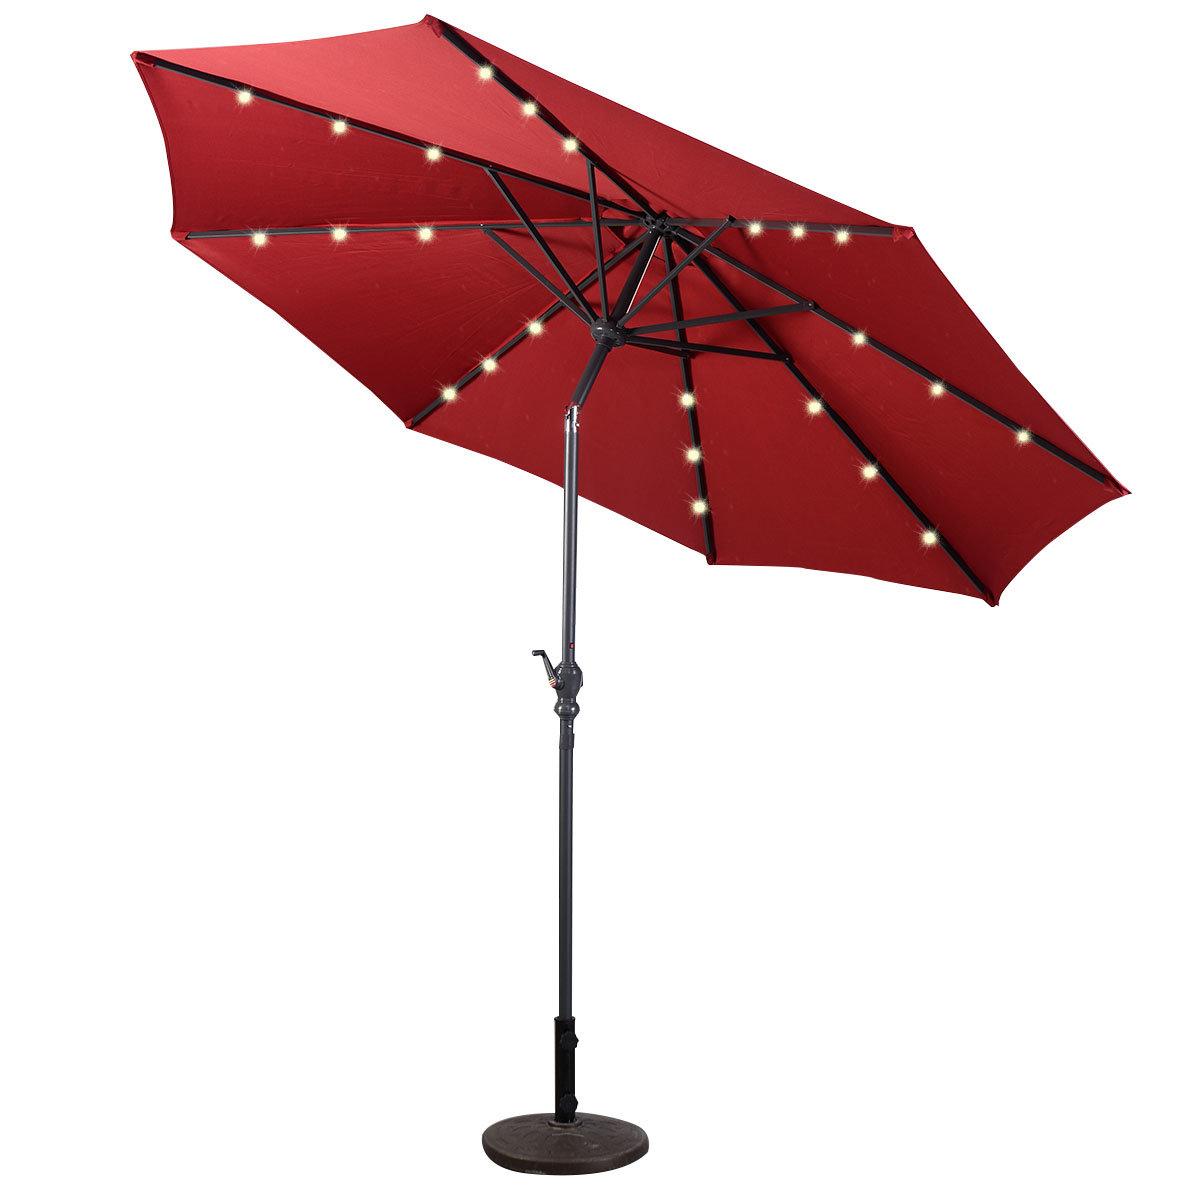 Favorite Branscum Lighted Umbrellas In Baggett Patio Solar 10' Market Umbrella (View 10 of 20)